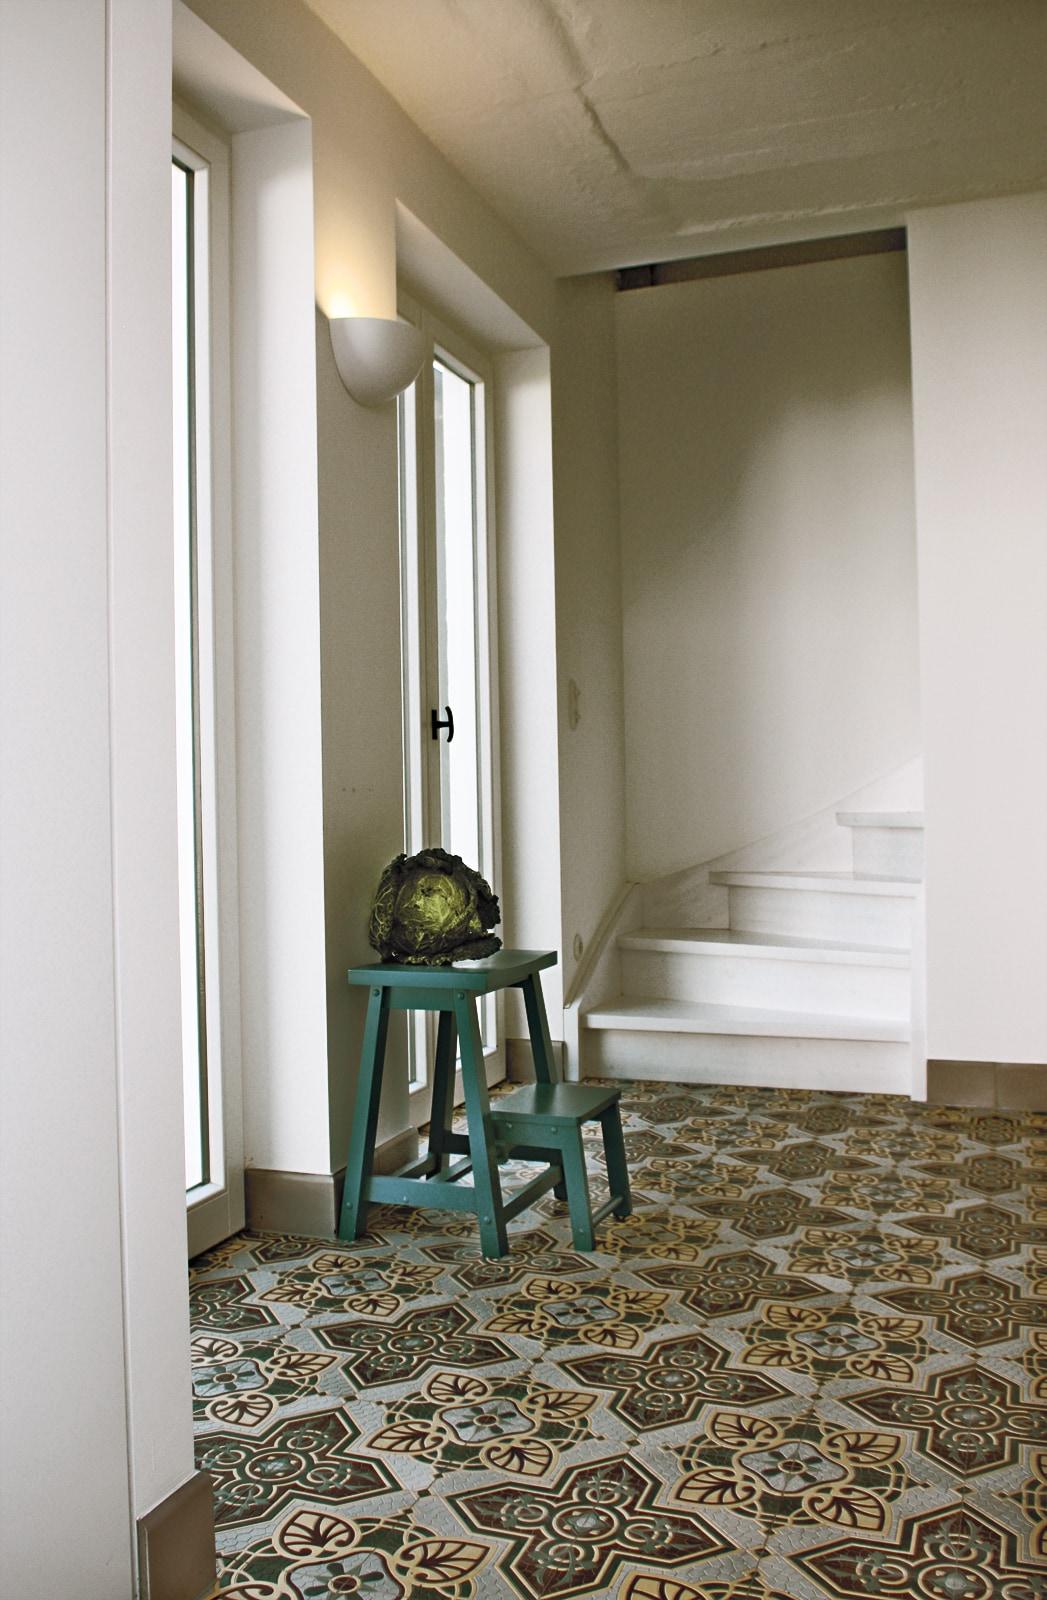 zementfliesen-VIA Zementmosaikplatten-nr.41071-eingang-02-viaplatten | 41071